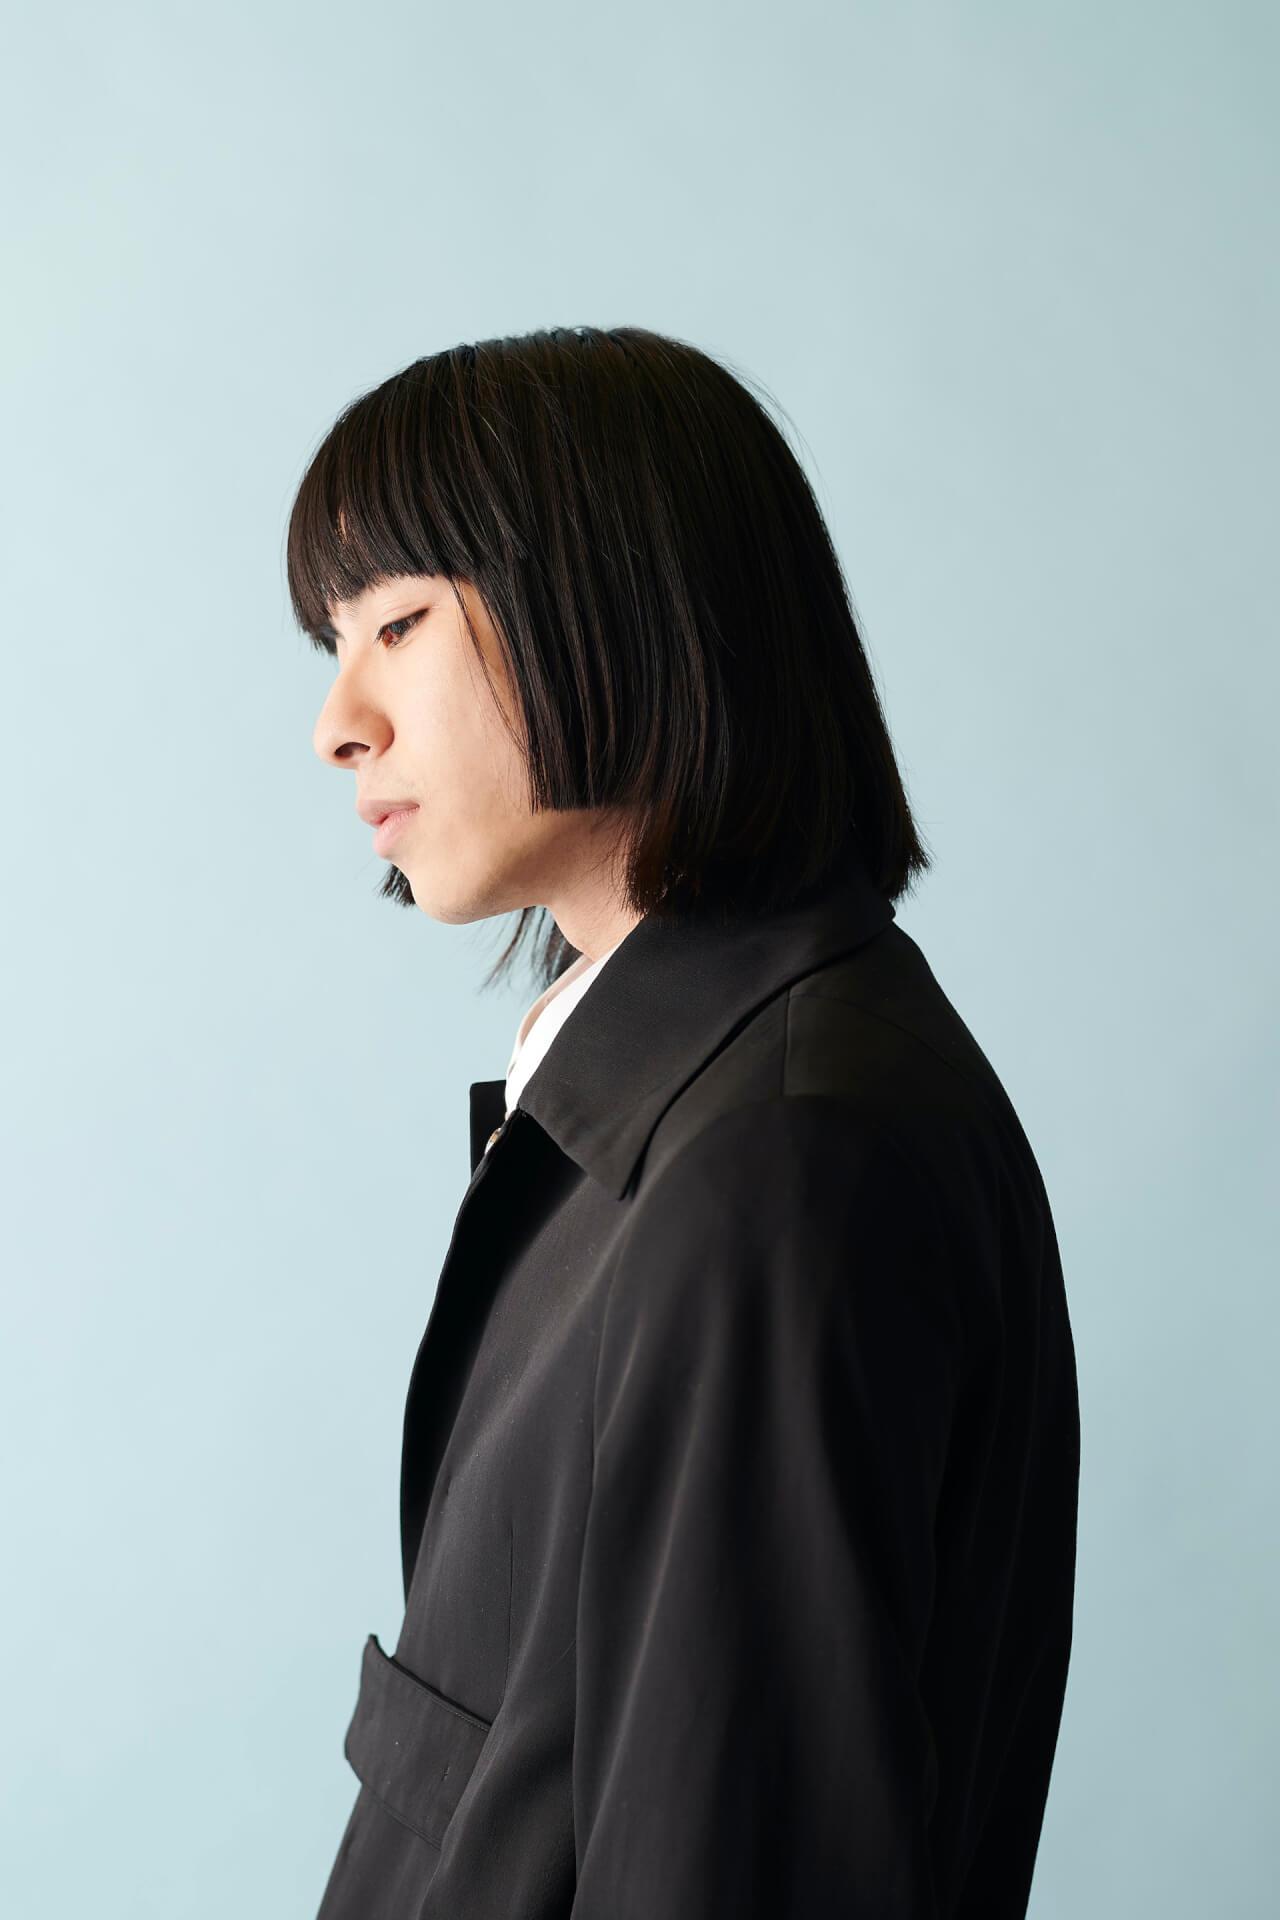 """JUBEEがHIYADAMを客演に迎えた新曲""""Mess""""をリリース!Yohji Igarashiがプロデュース music_210715_jubee1"""